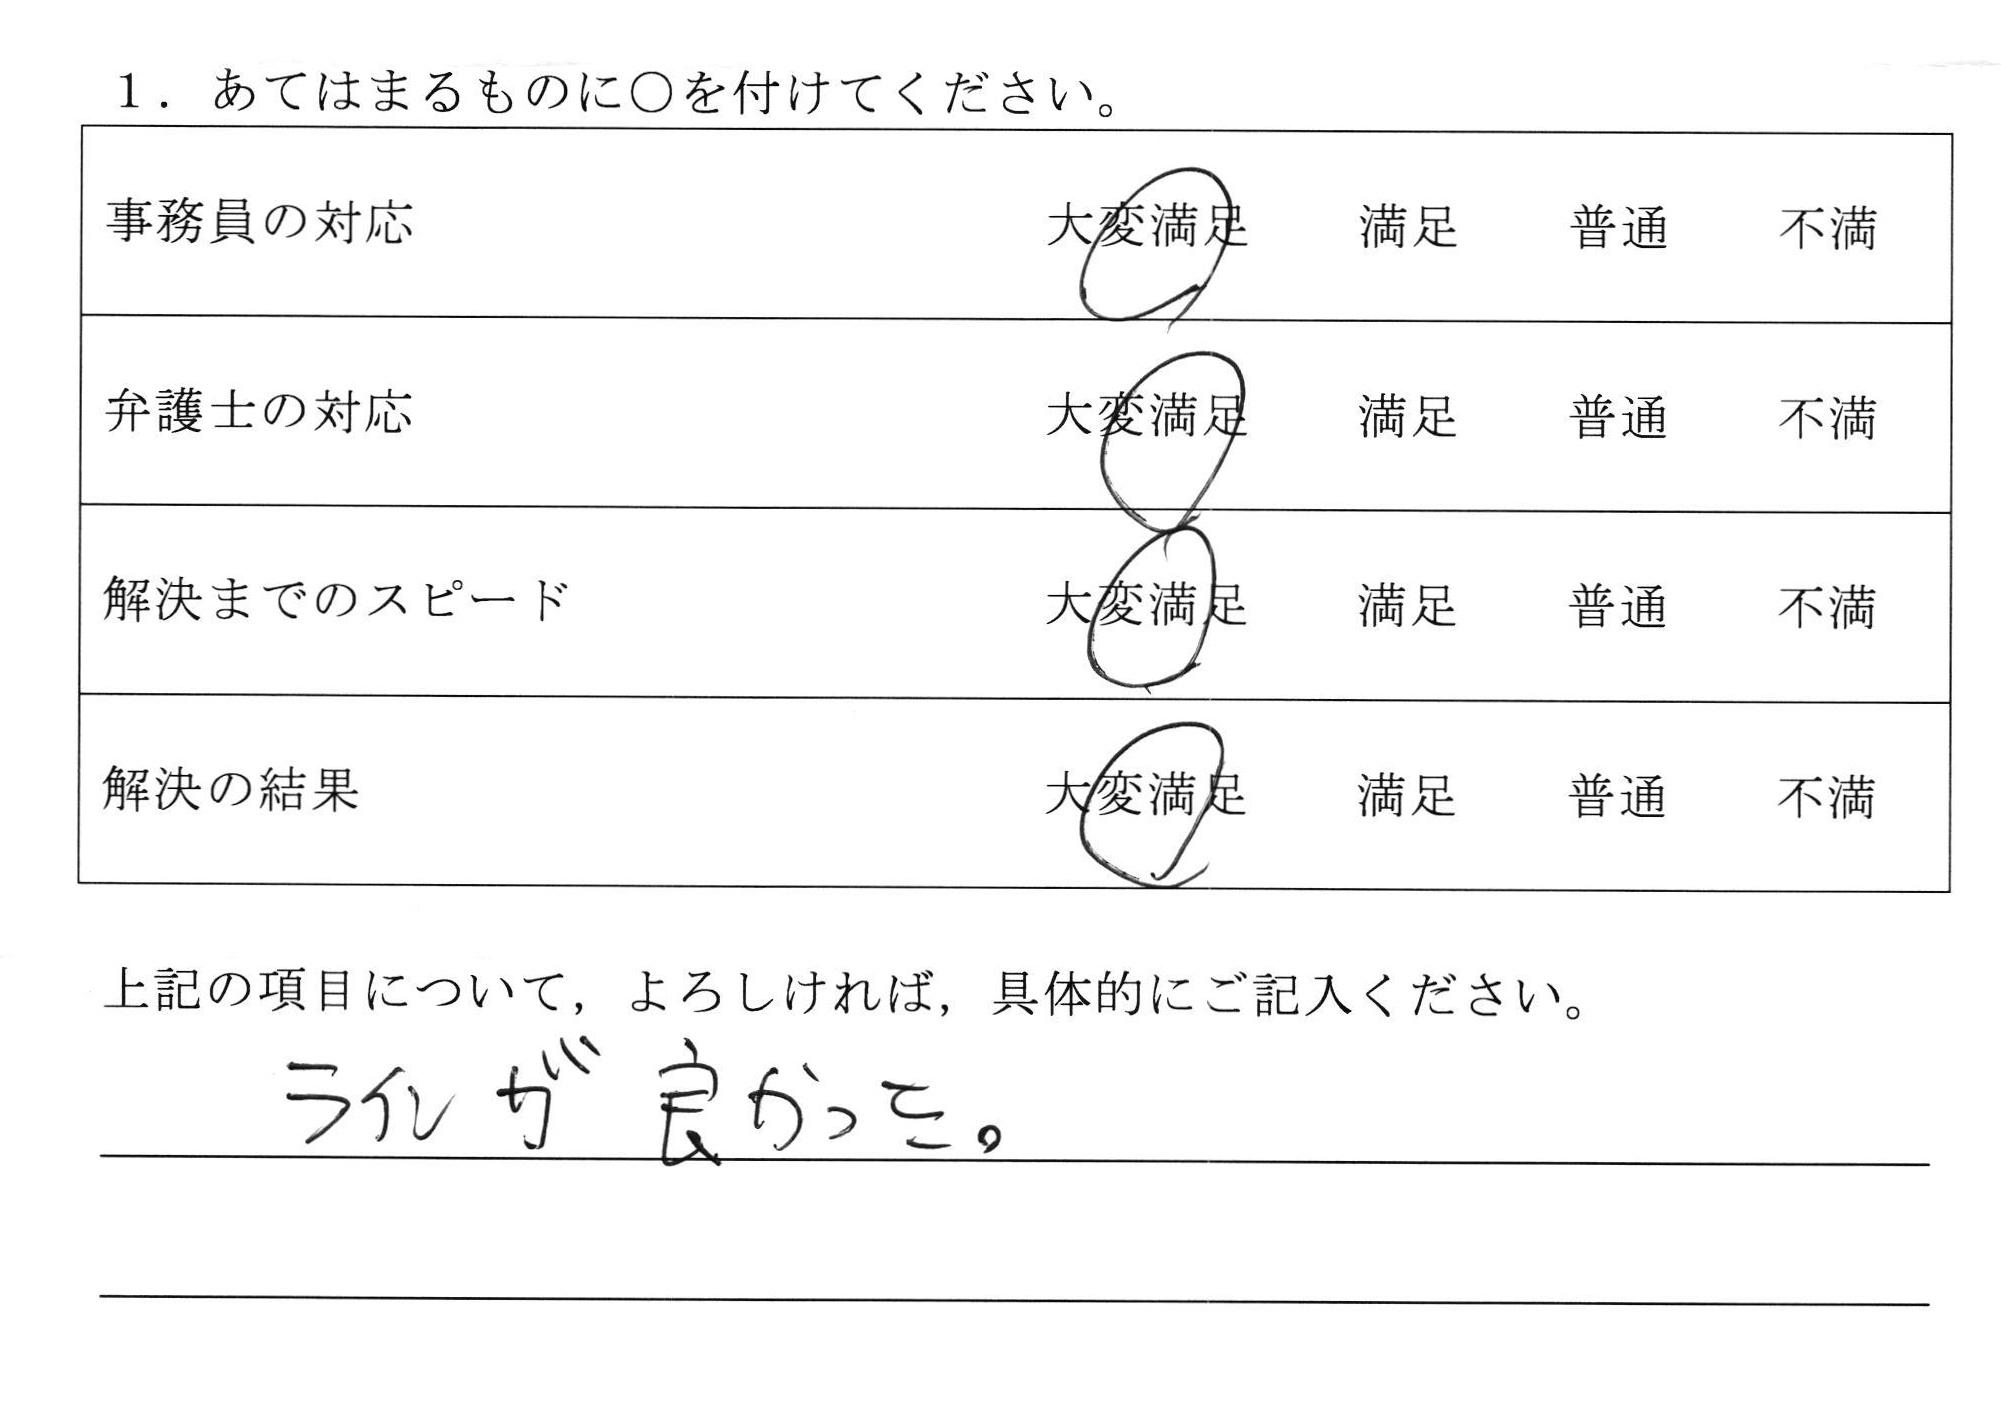 埼玉県50代男性(債権回収)の依頼者様の声 : ラインが良かった。